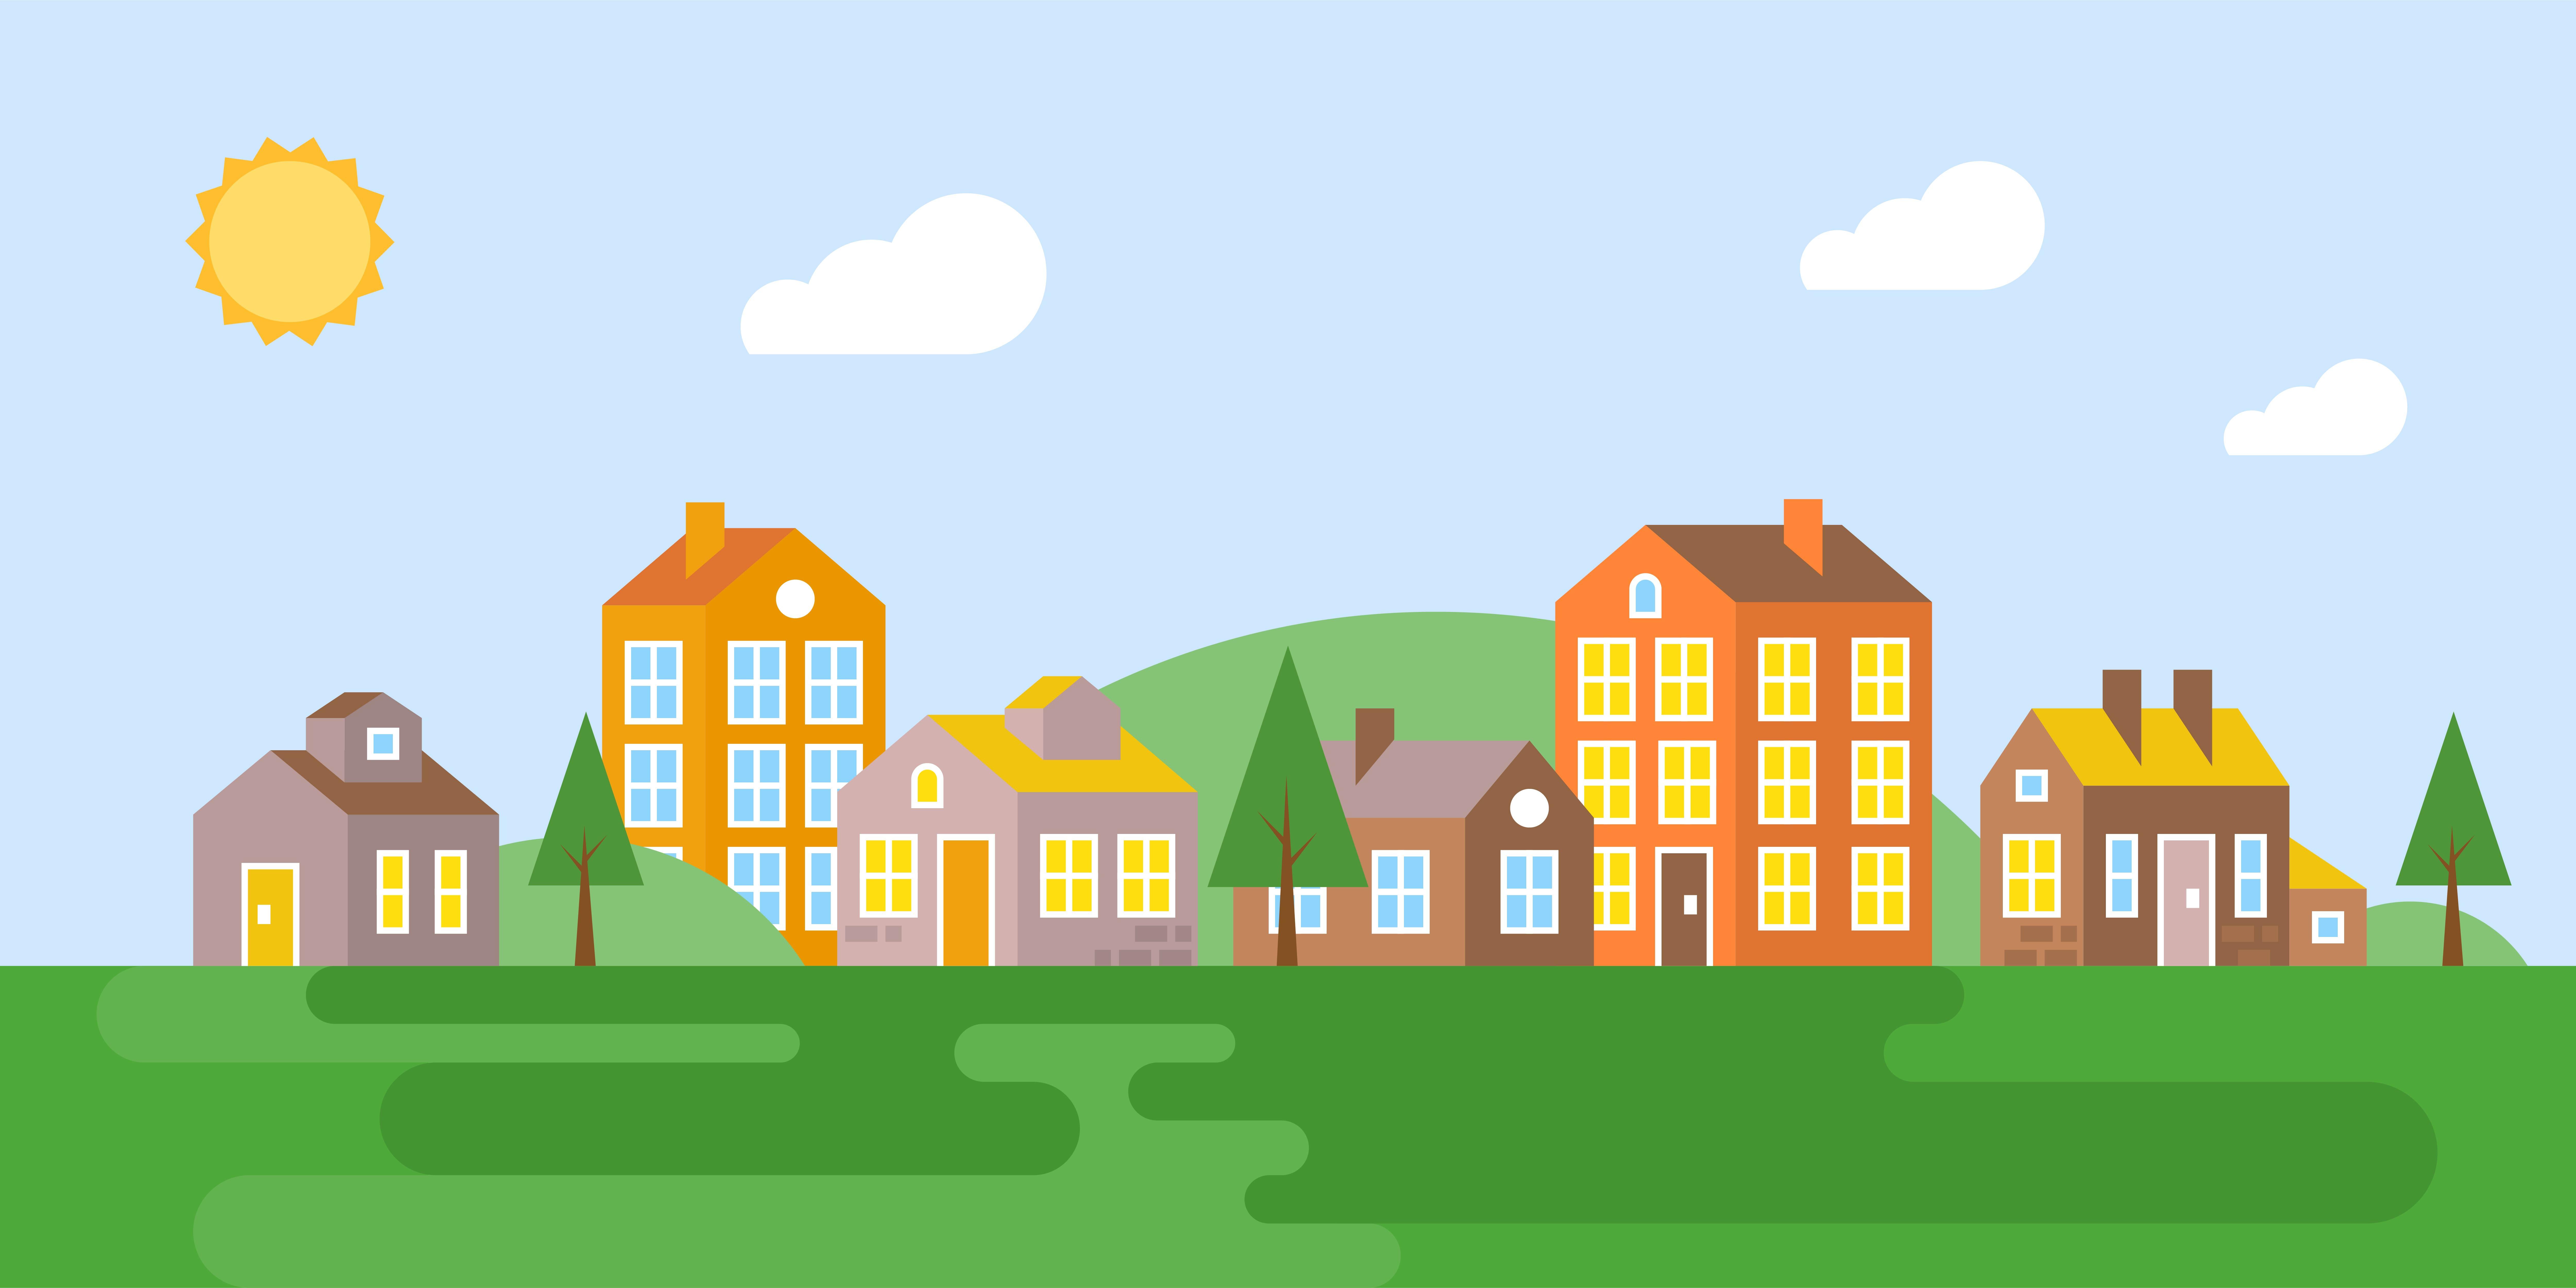 Town Landscape Vector Illustration: Urban Landscape, Village In Summer, Flat Design